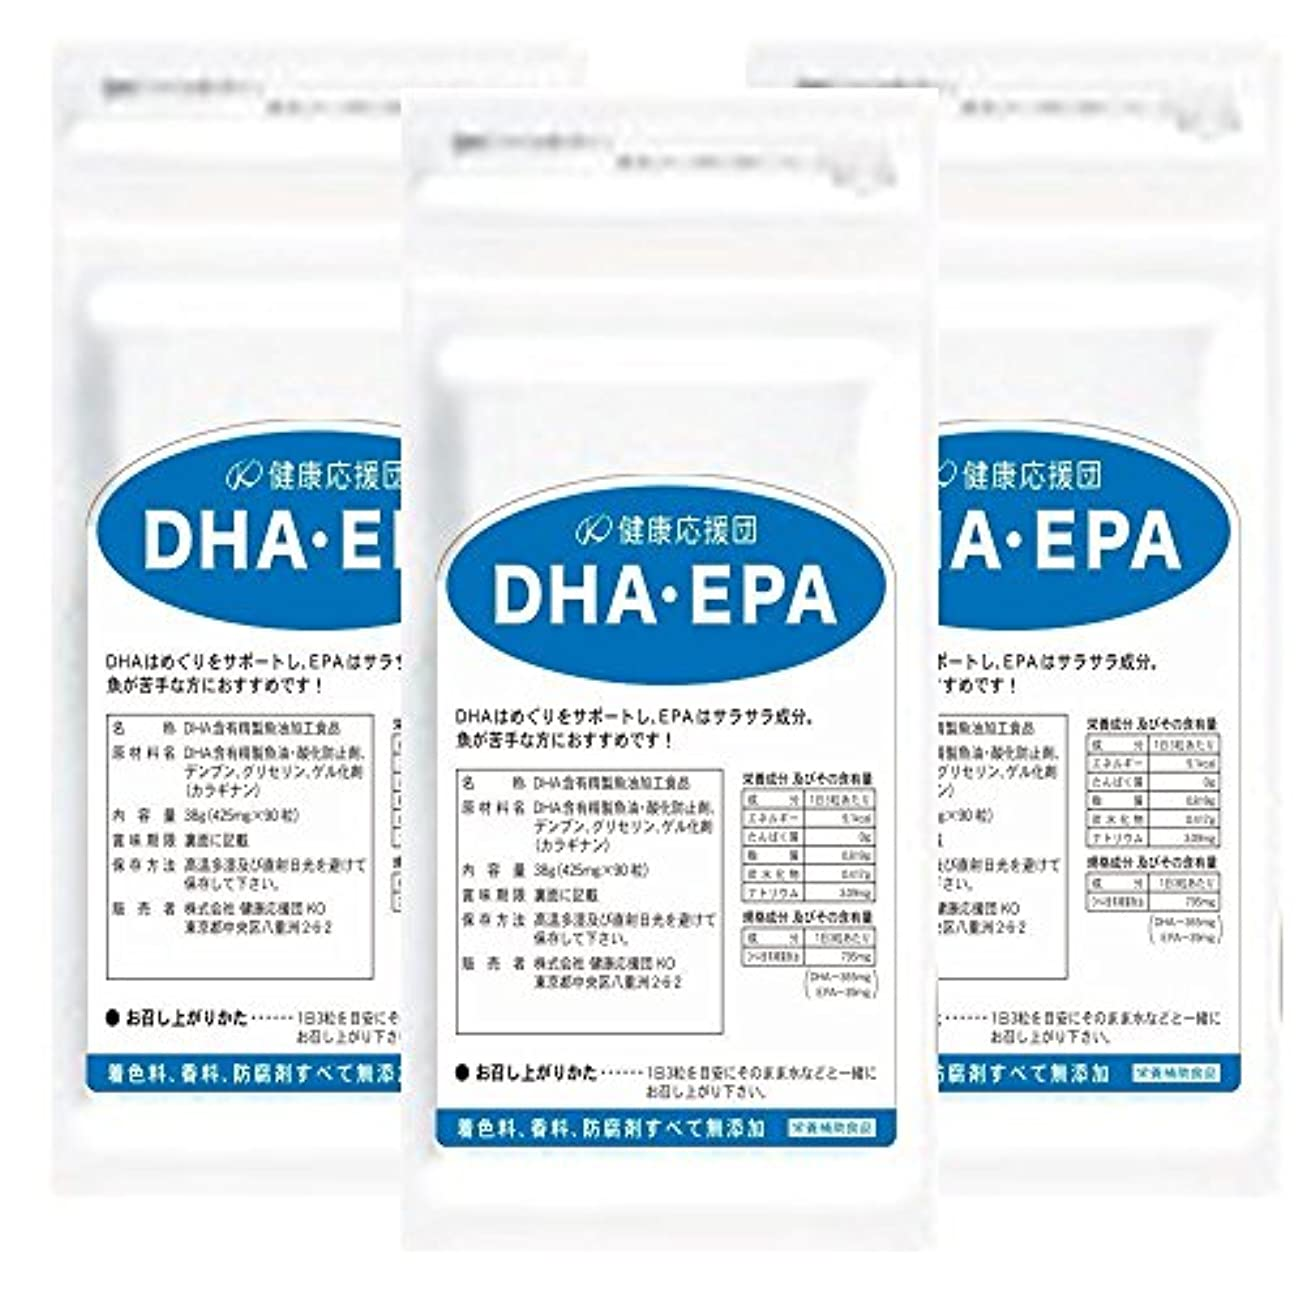 セメント寓話怒る健康応援団 お徳用DHA(3か月)3袋270粒(植物性ソフトカプセル)